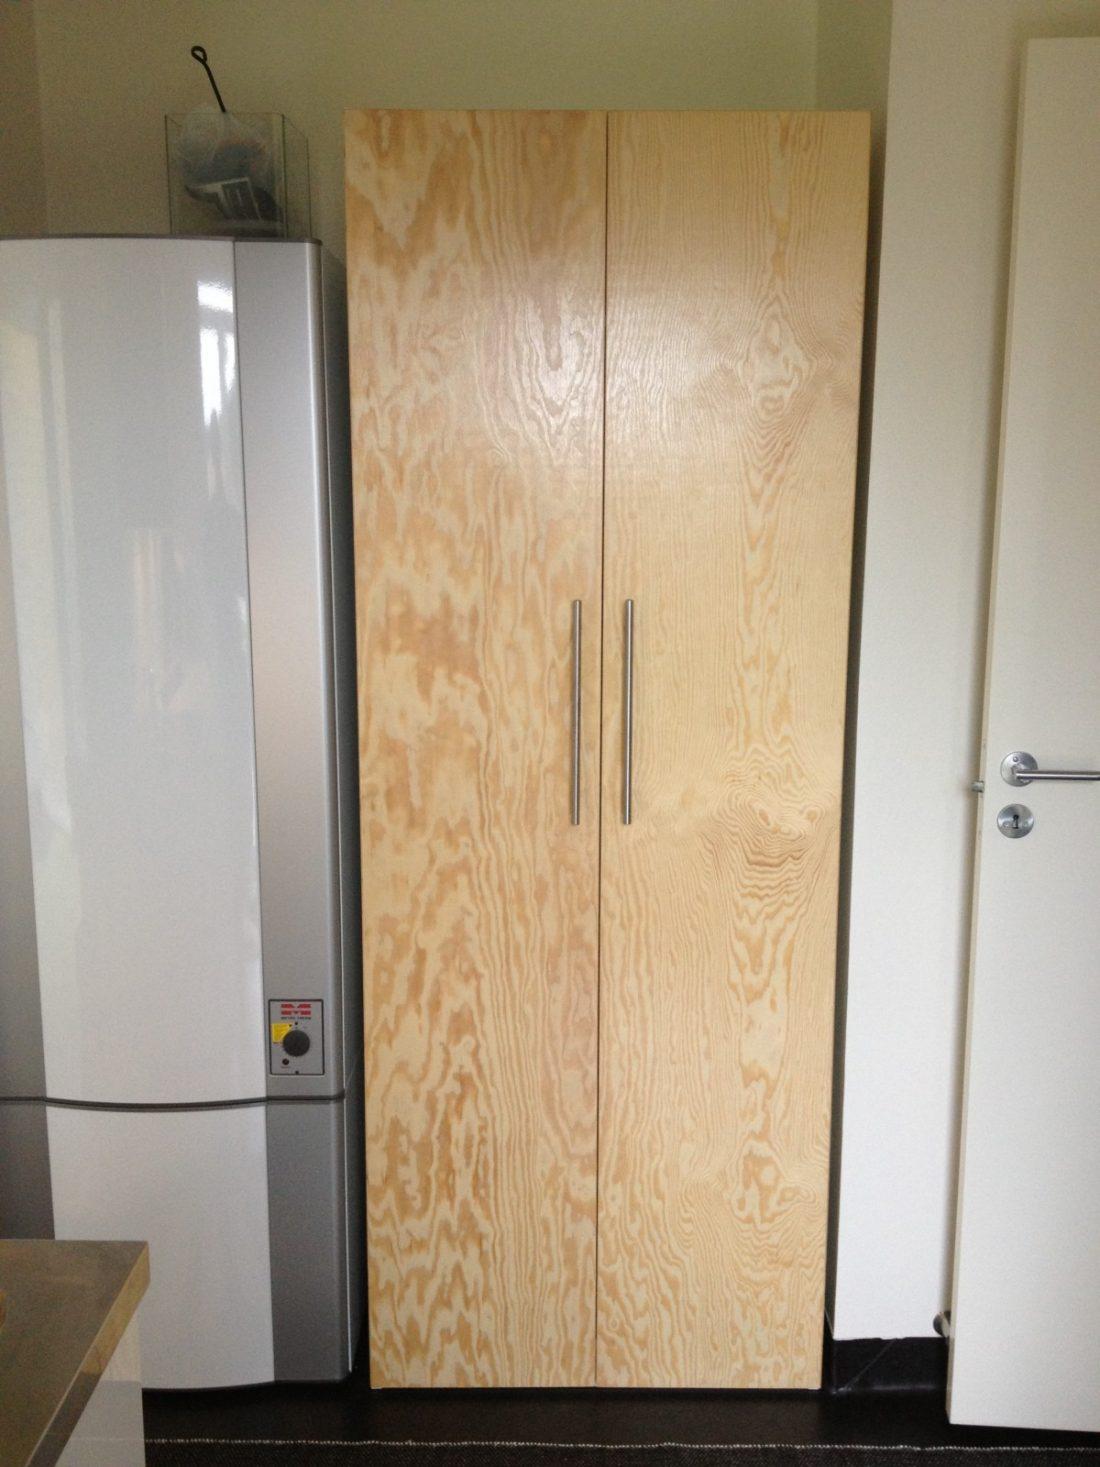 Förvaringsutrymme med lackad furu-plywood